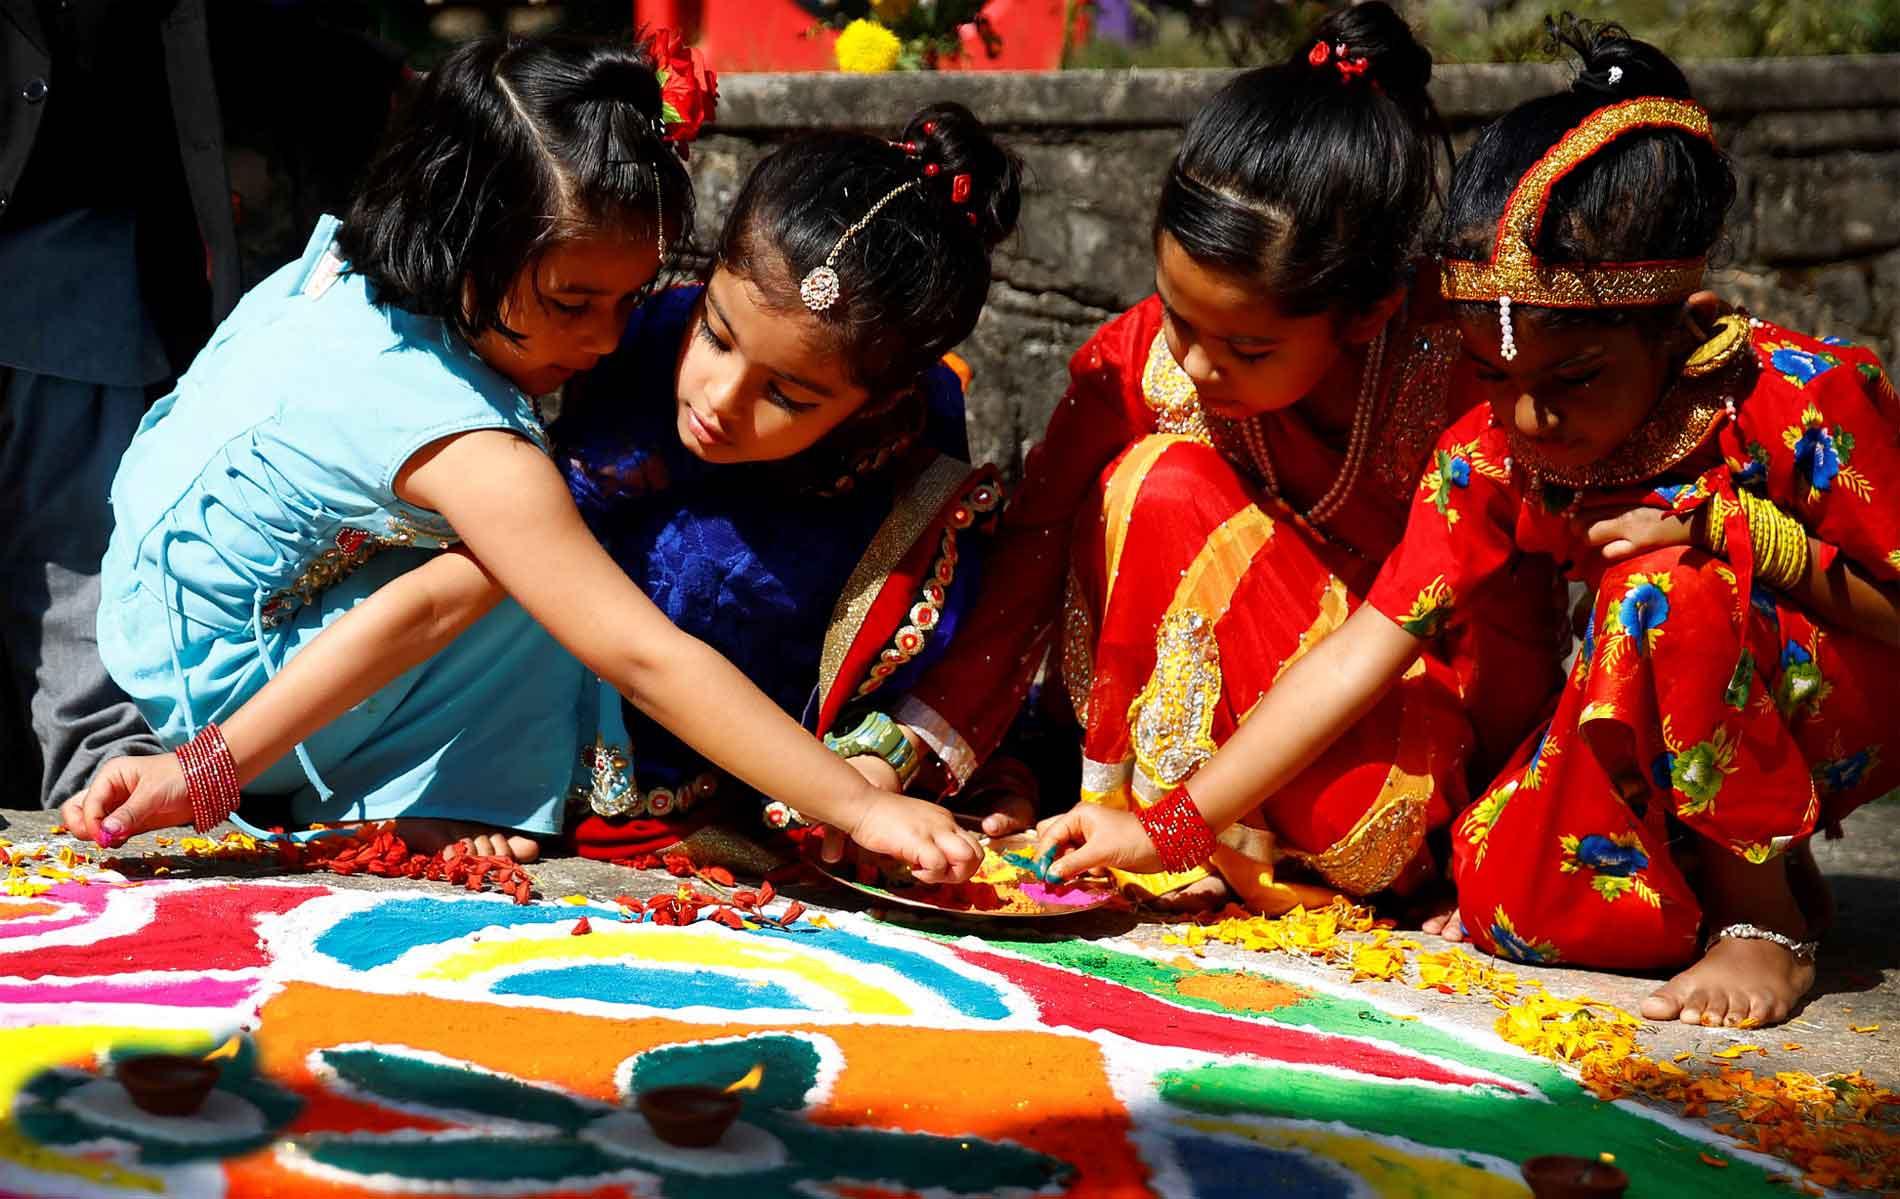 Kids making Rangoli, a customized flower Mandala